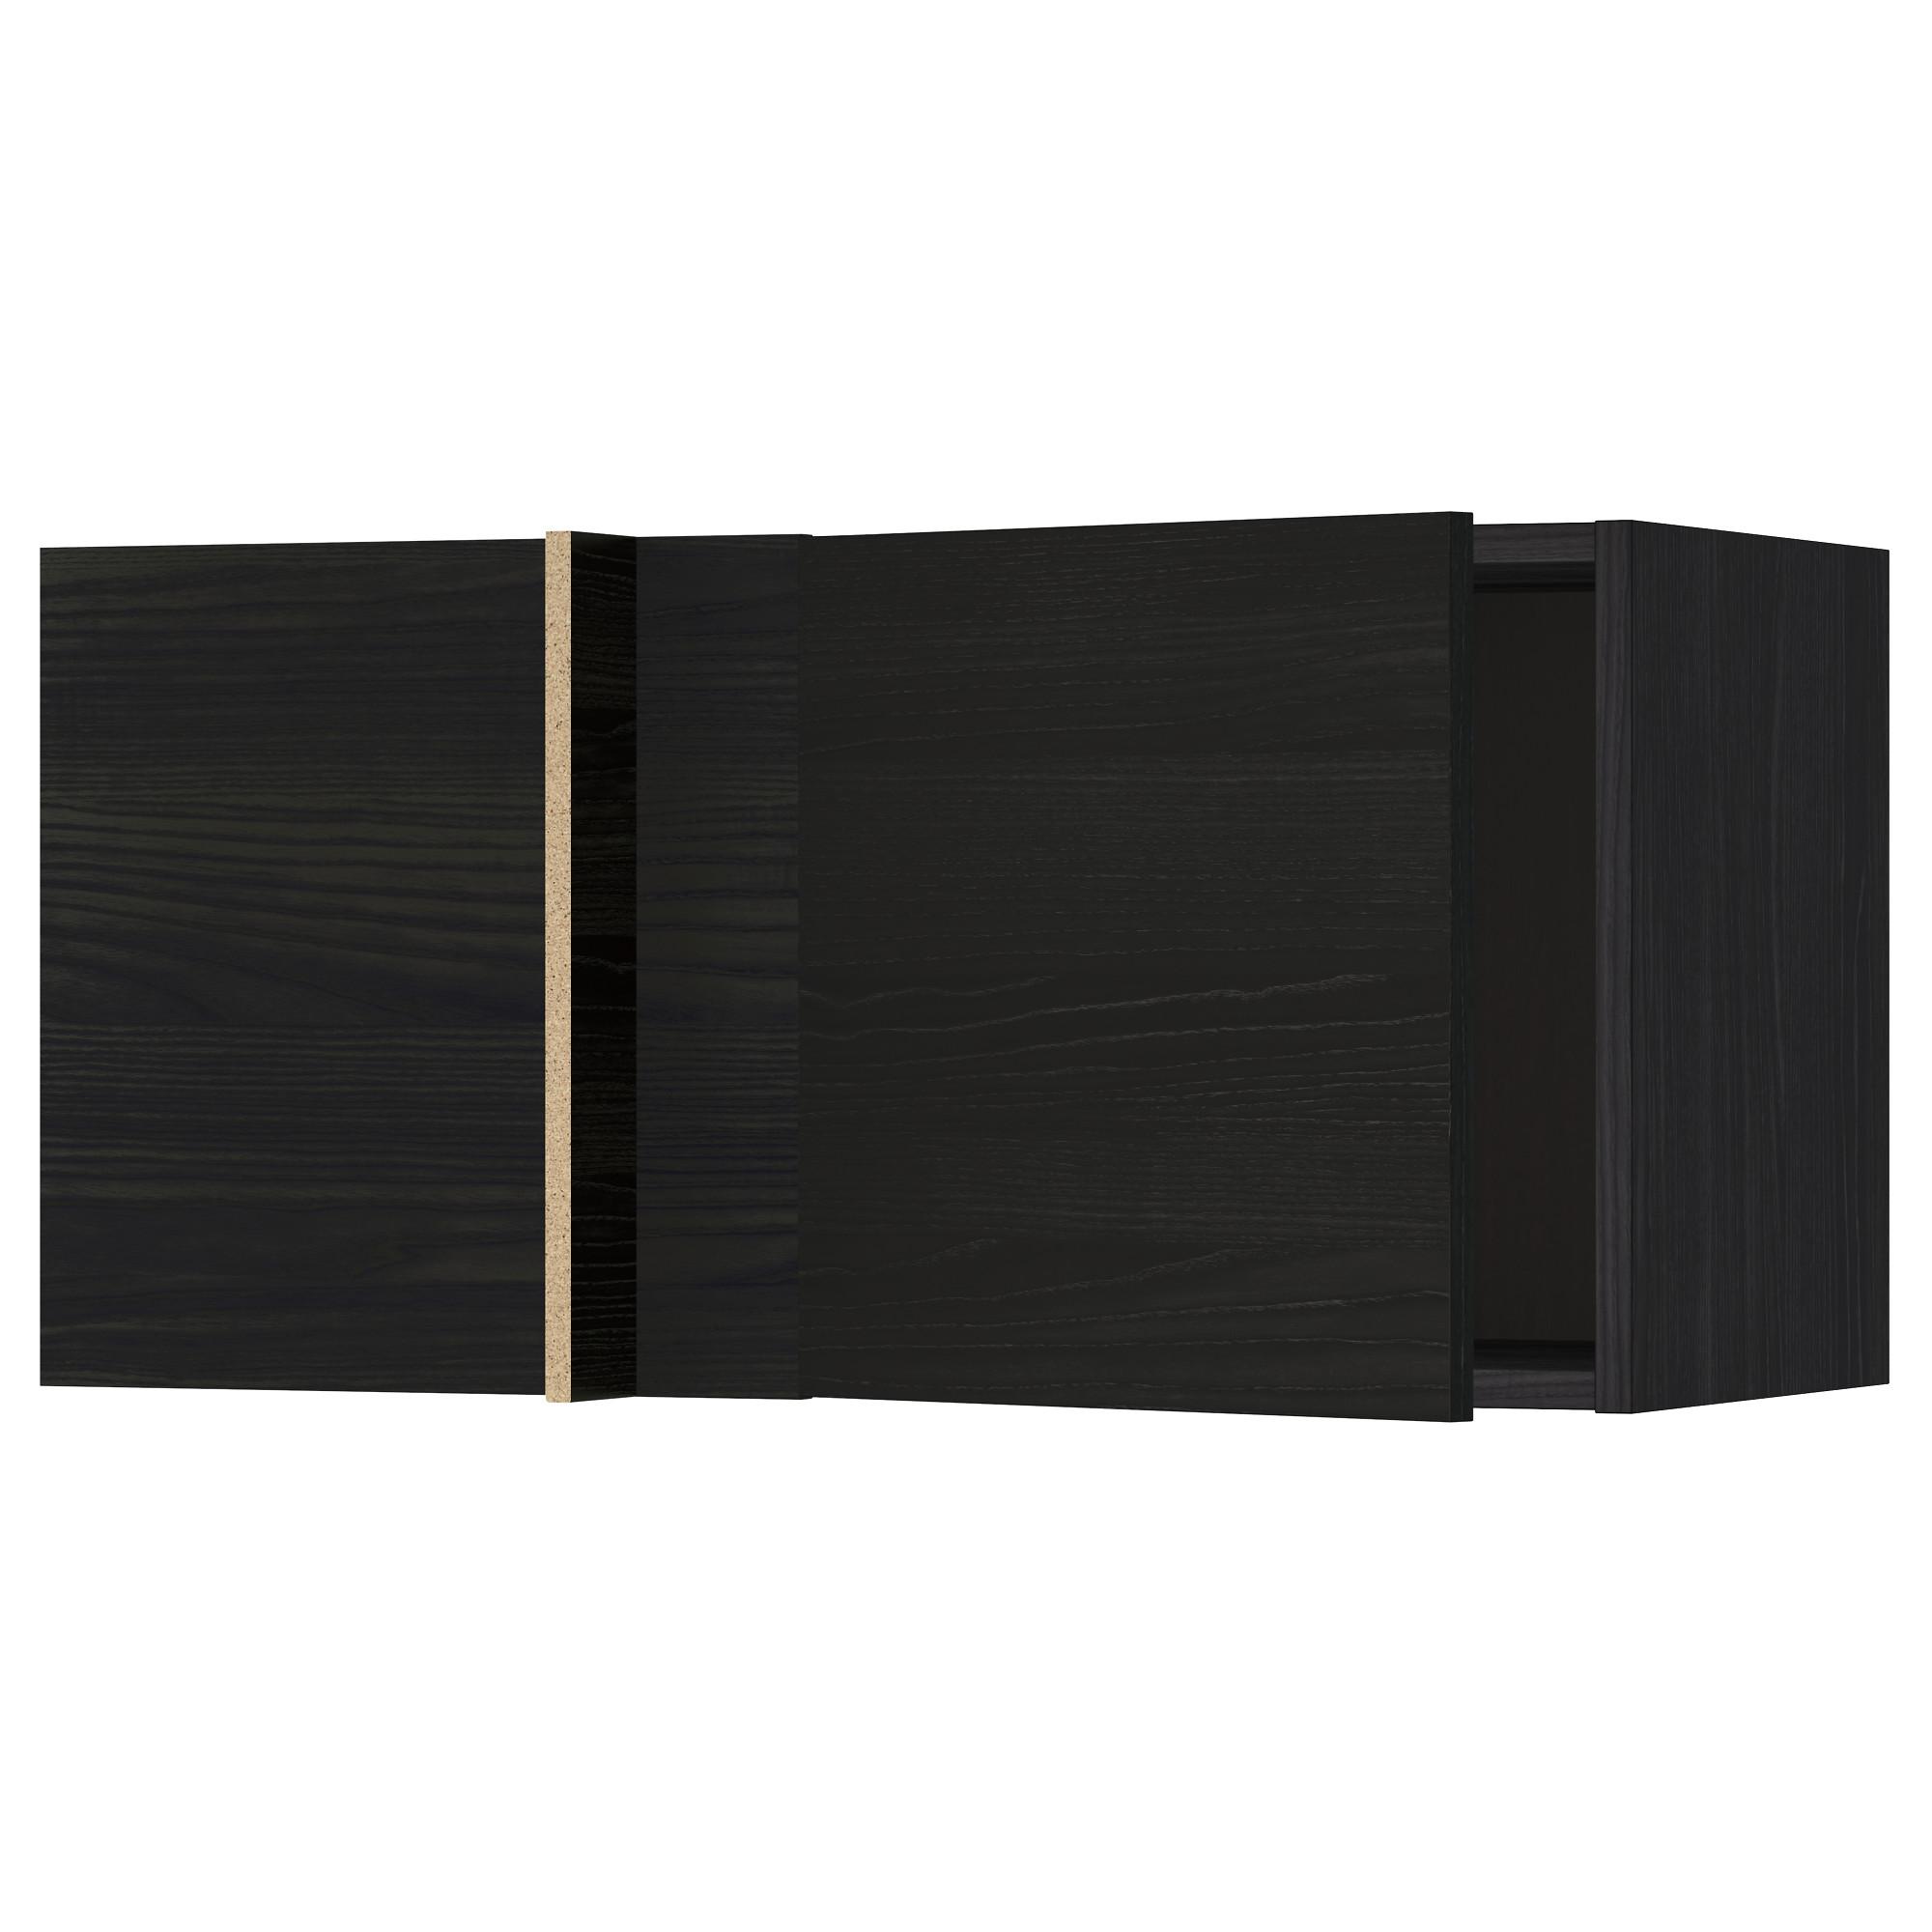 Шкаф навесной угловой МЕТОД черный артикуль № 092.321.90 в наличии. Онлайн сайт ИКЕА Минск. Недорогая доставка и монтаж.